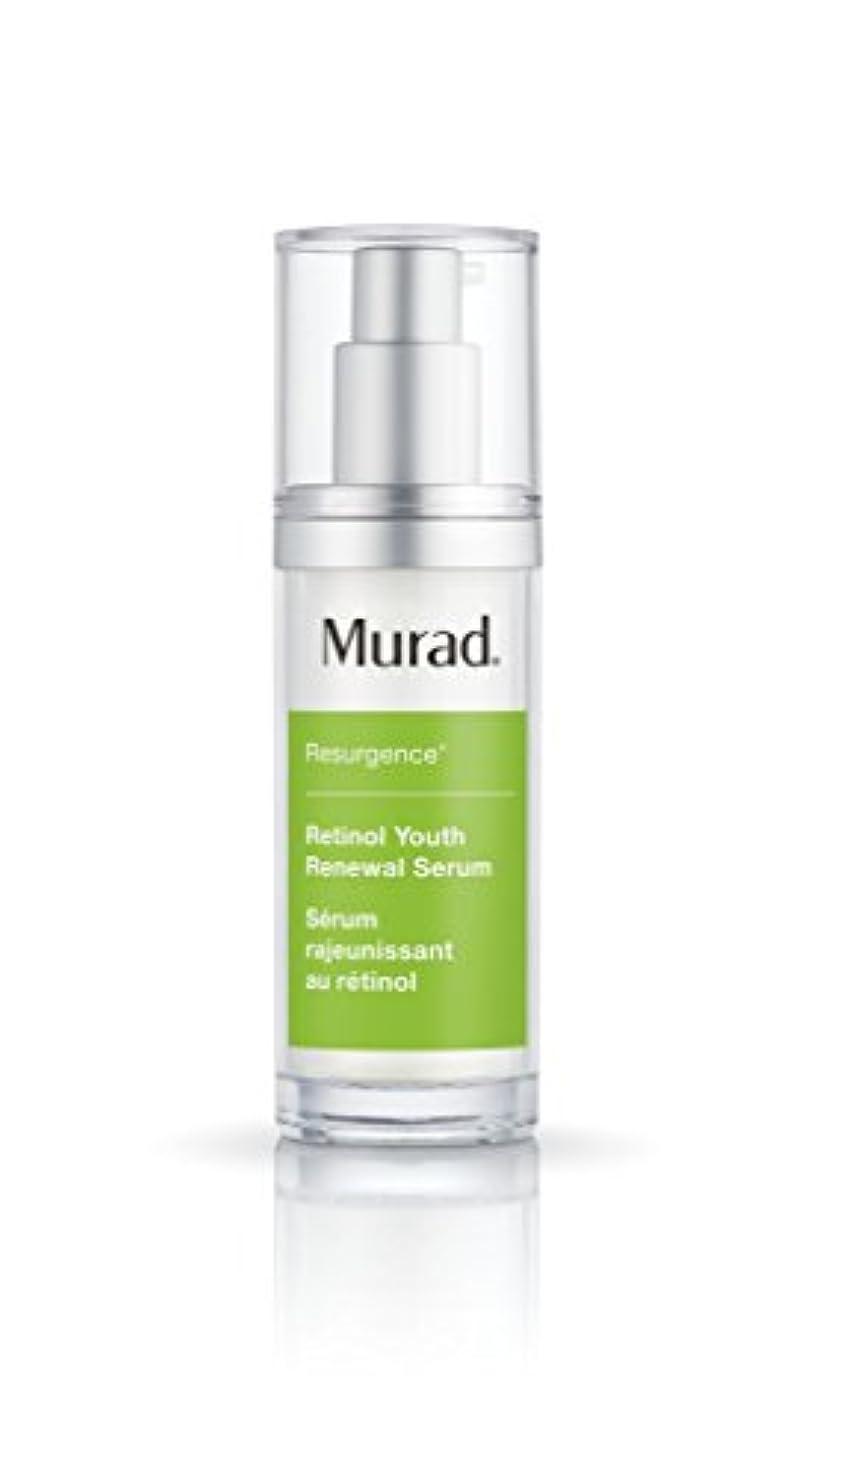 大使ベッド取り替えるミュラド Resurgence Retinol Youth Renewal Serum 30ml/1oz並行輸入品